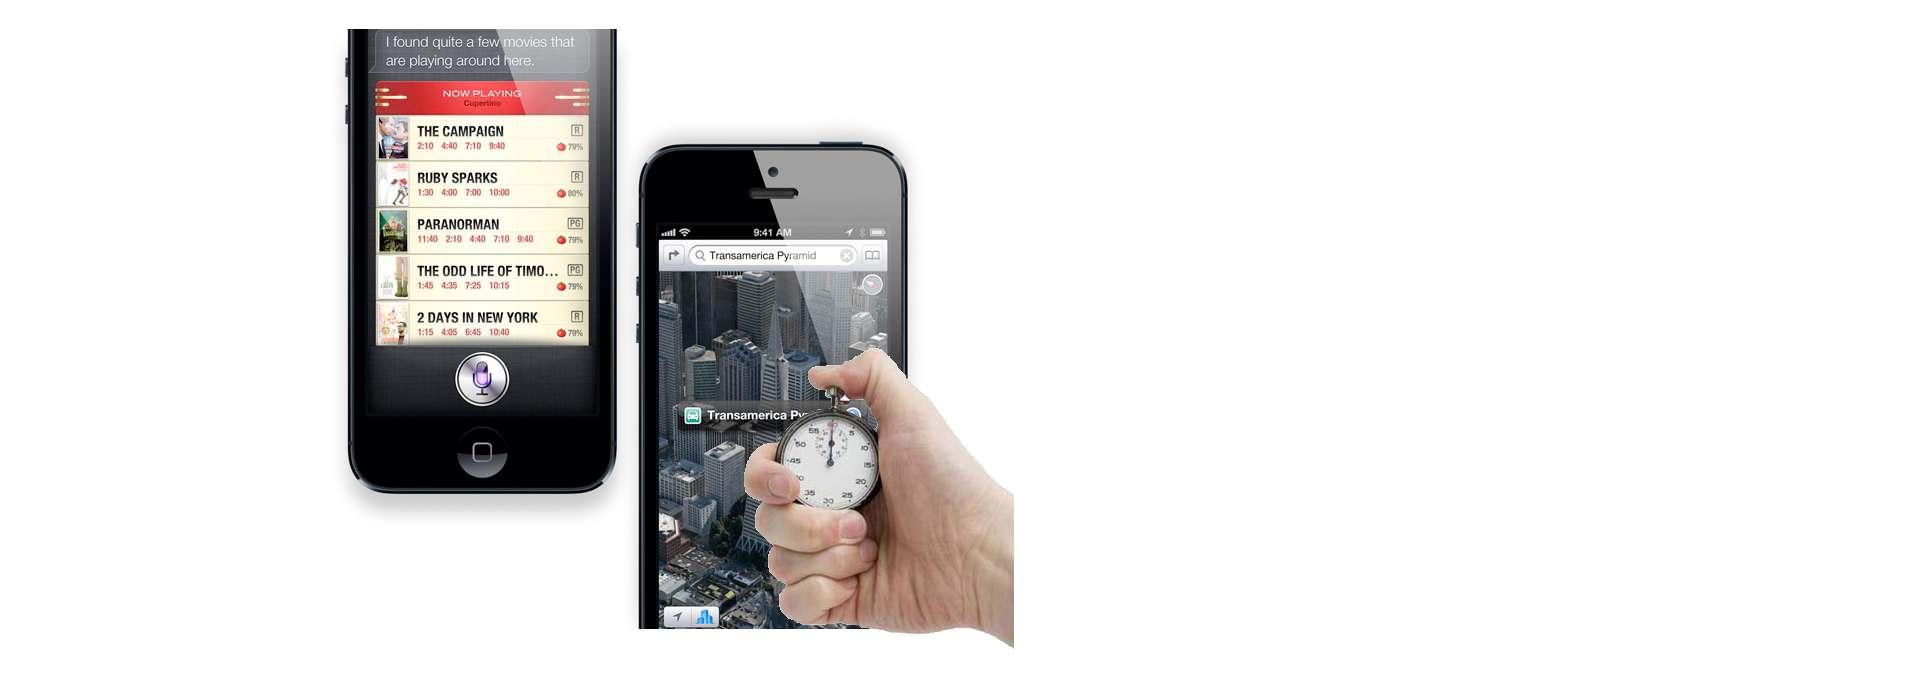 L'iPhone 5 a été déclaré le smartphone le plus rapide du marché